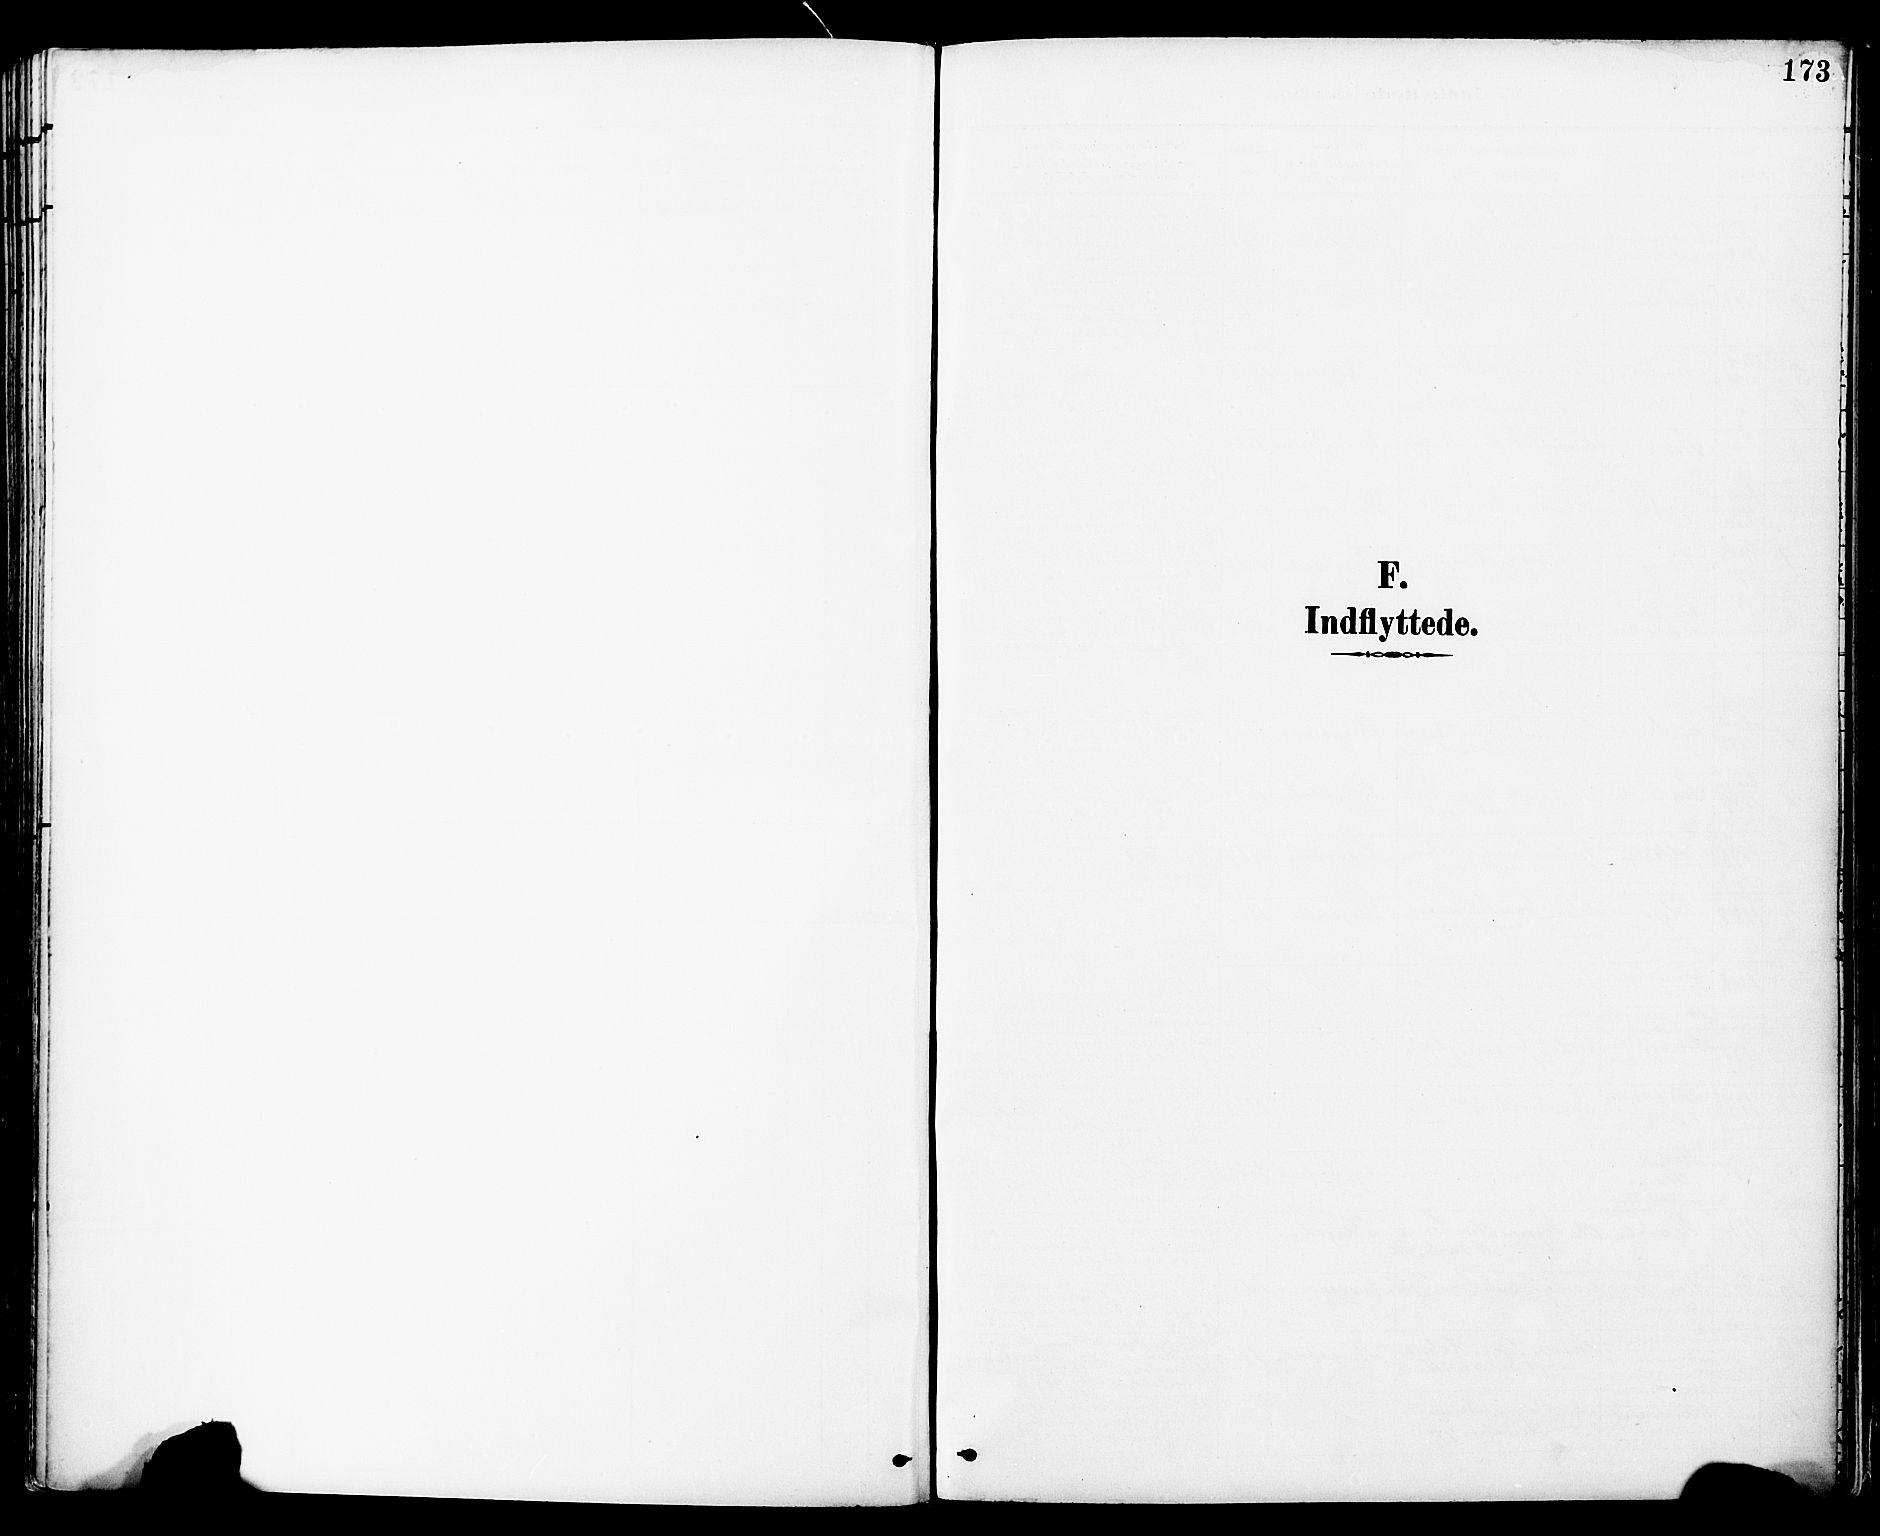 SAT, Ministerialprotokoller, klokkerbøker og fødselsregistre - Sør-Trøndelag, 681/L0935: Ministerialbok nr. 681A13, 1890-1898, s. 173